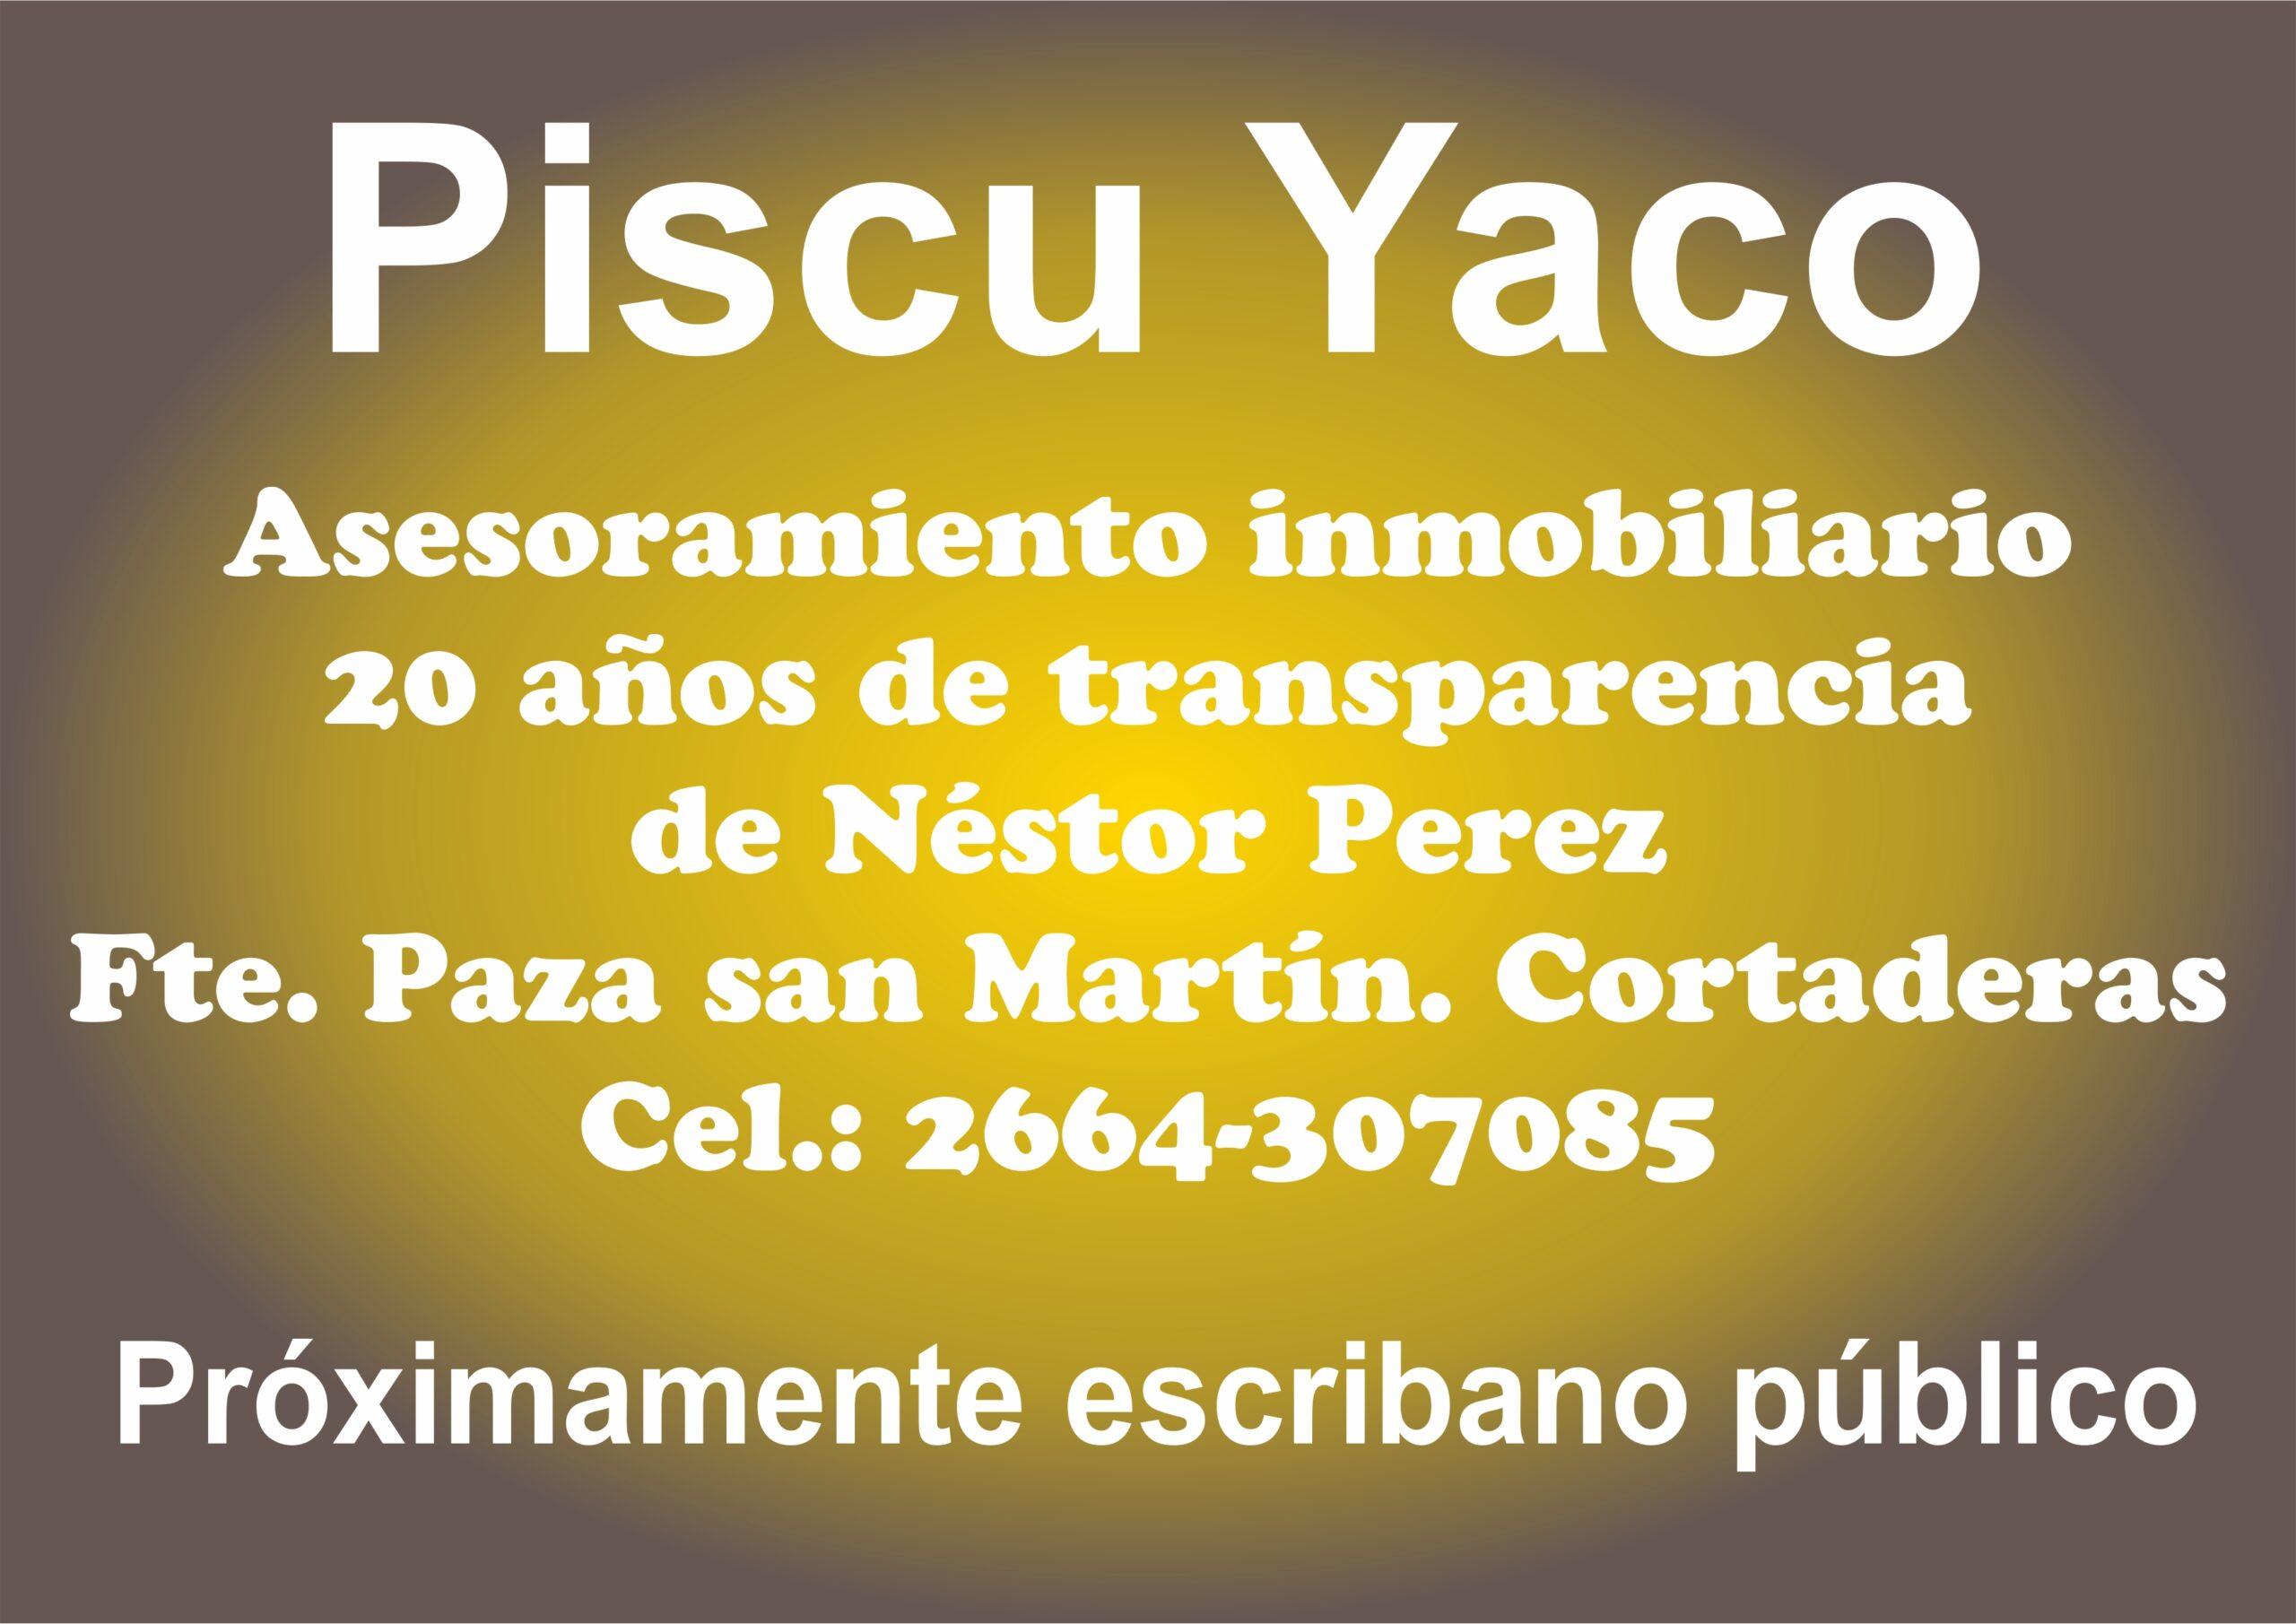 Piscu Yaco